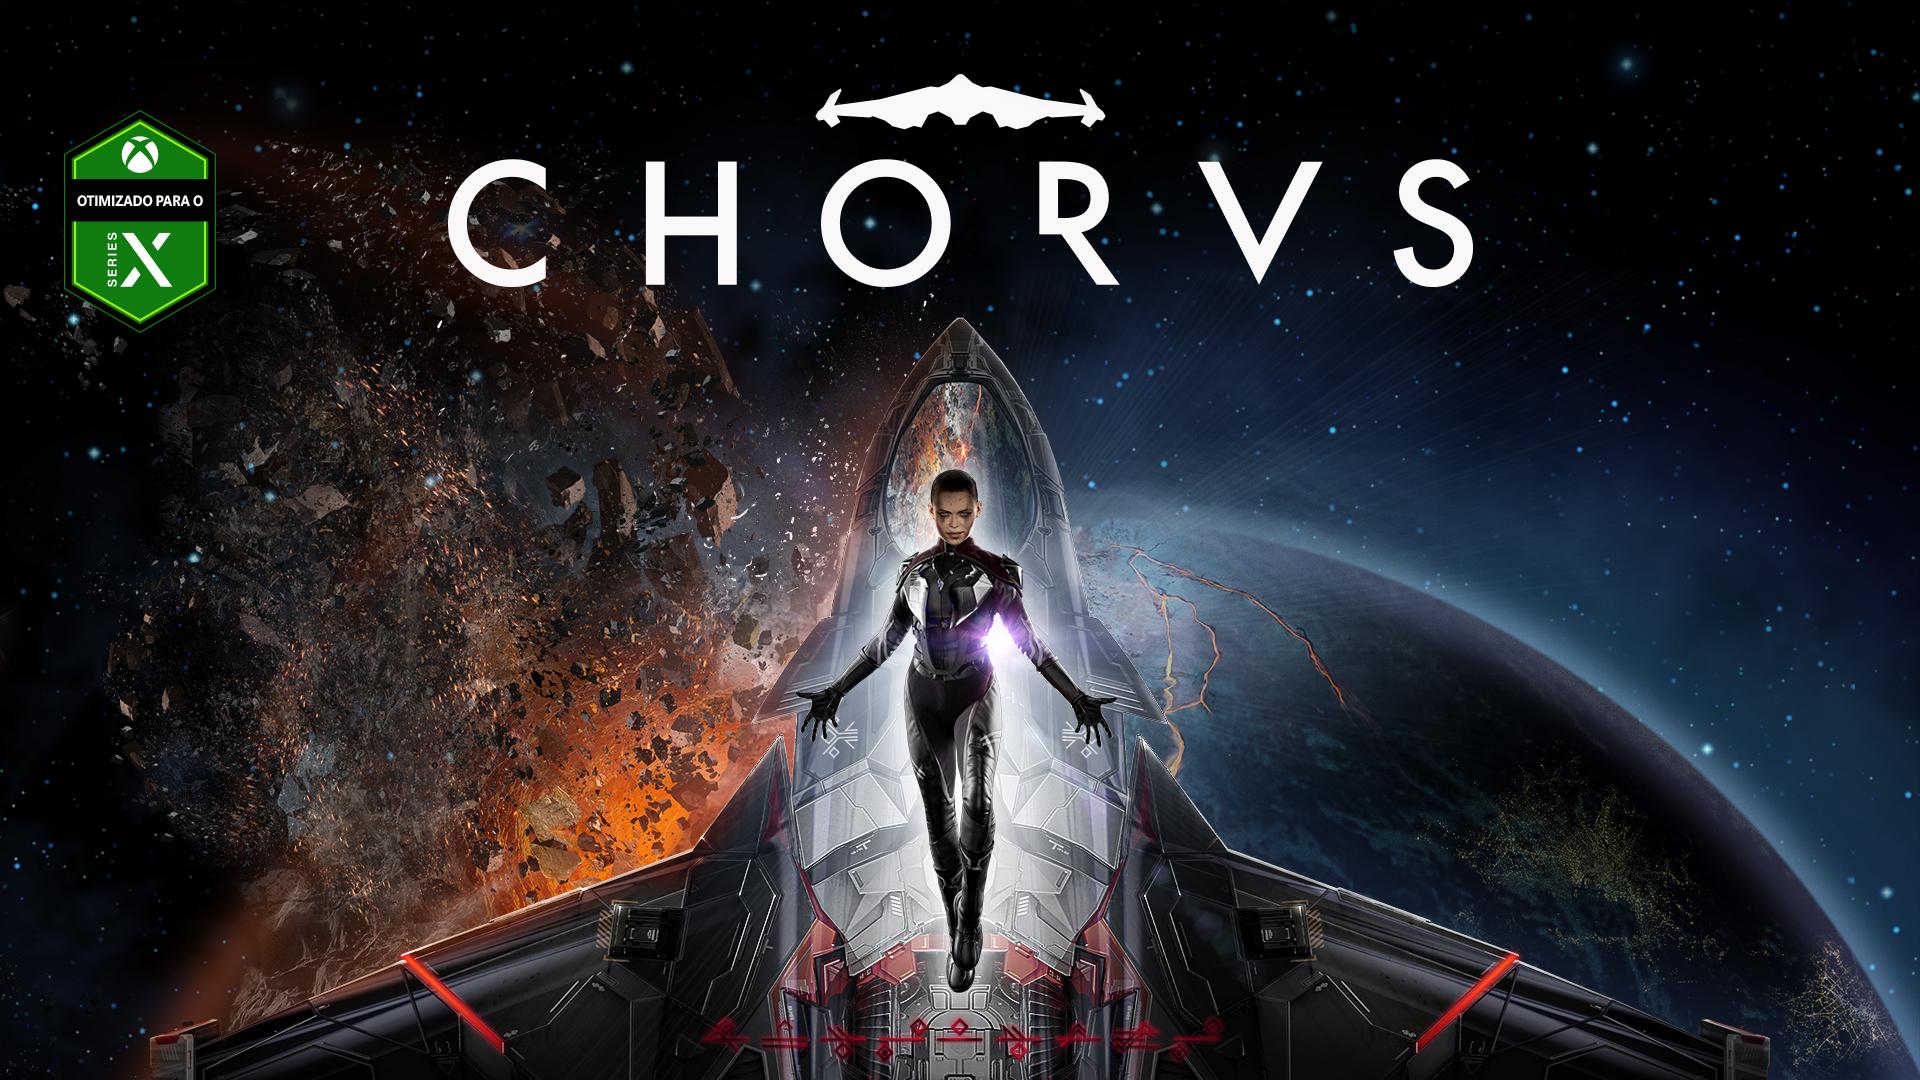 Arte principal do jogo Chorus.